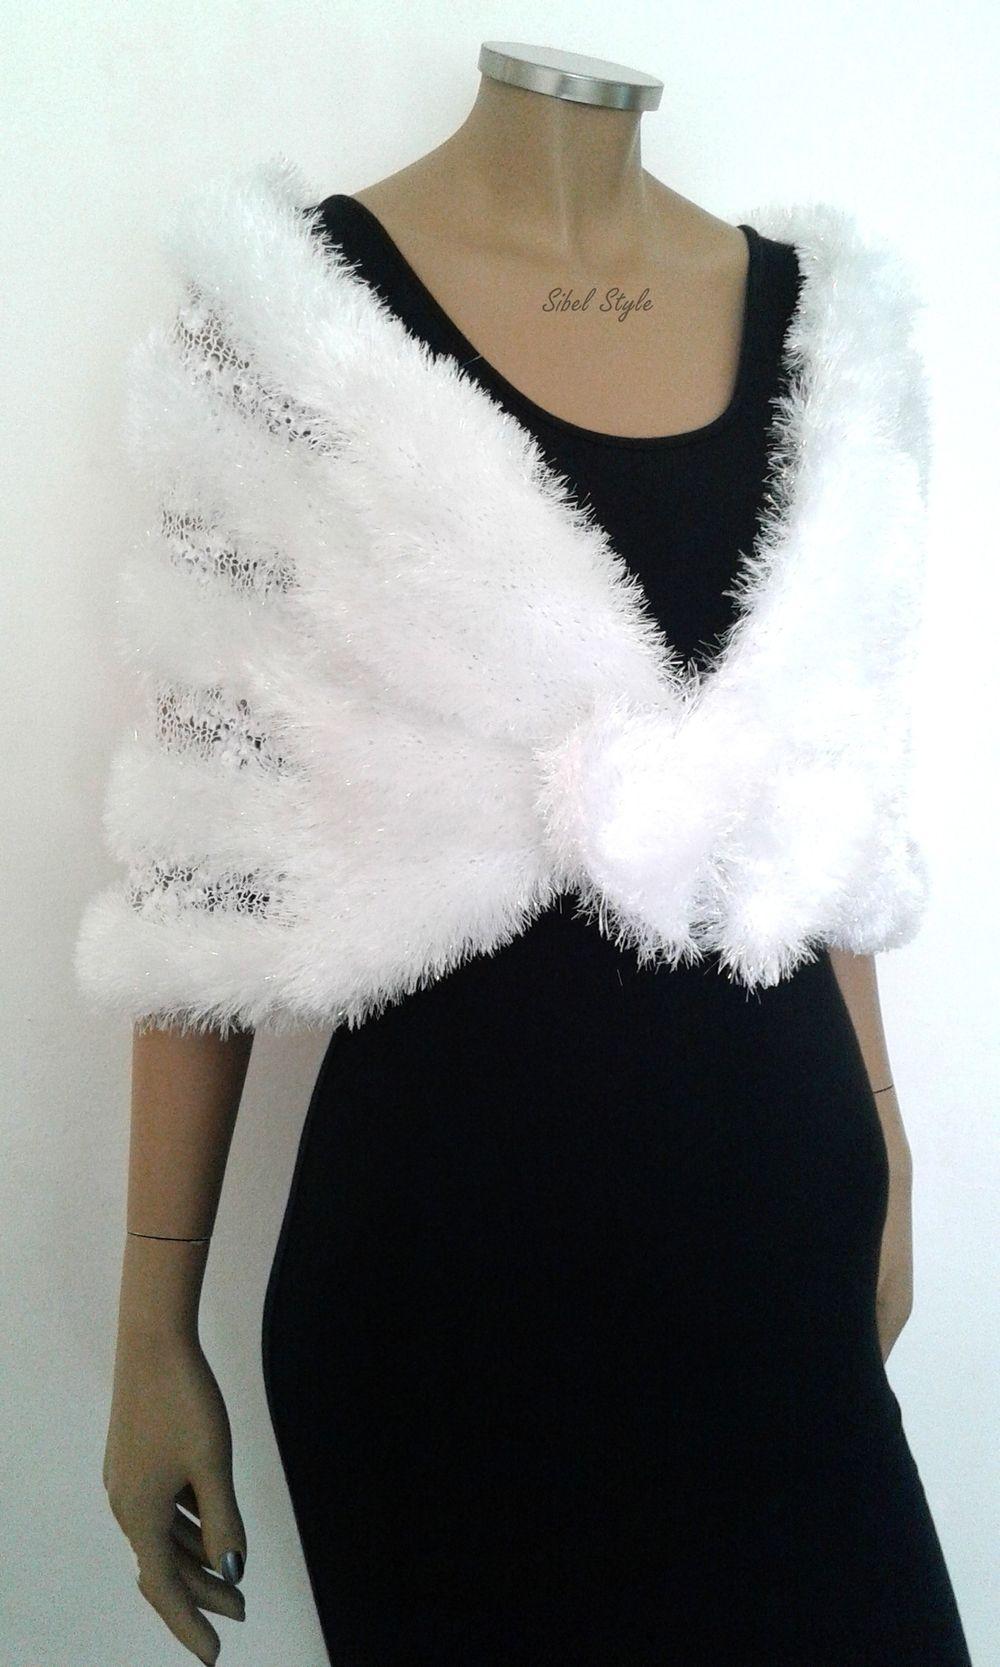 b27e2be12fa Cache-épaules couvre-épaules châle étole pour robe de mariée mariage  cérémonie soirée cocktail